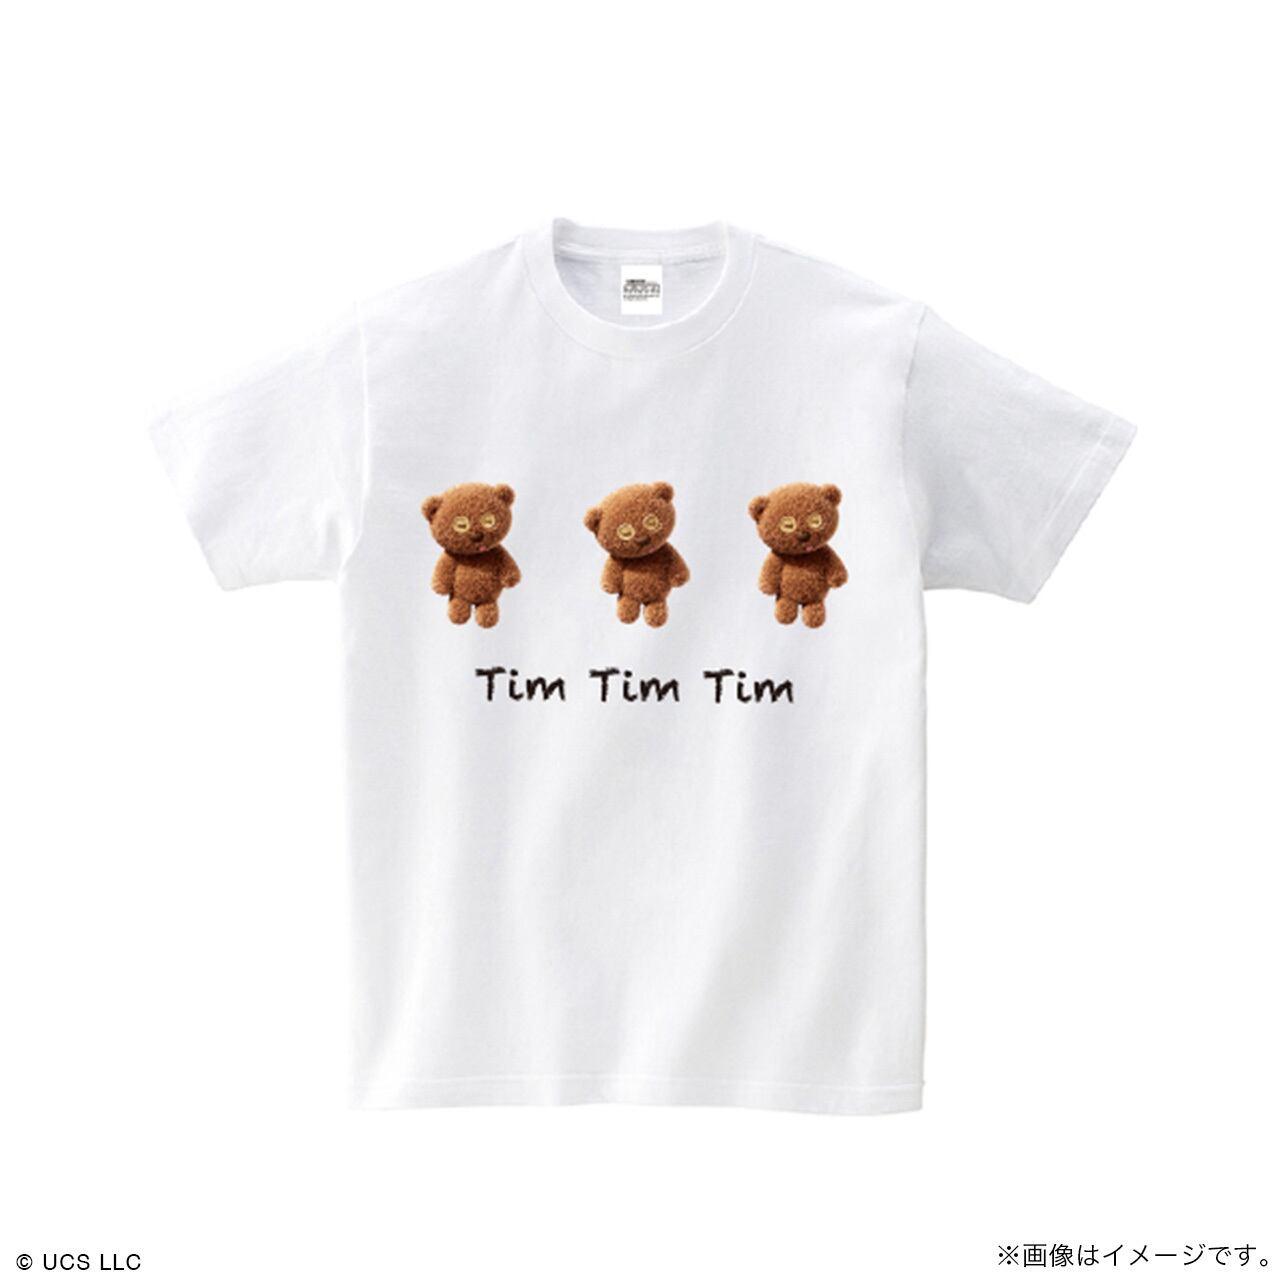 キッズTシャツ/ミニオン(Tim Tim Tim ホワイト)【MINIONS POP UP STORE 限定】